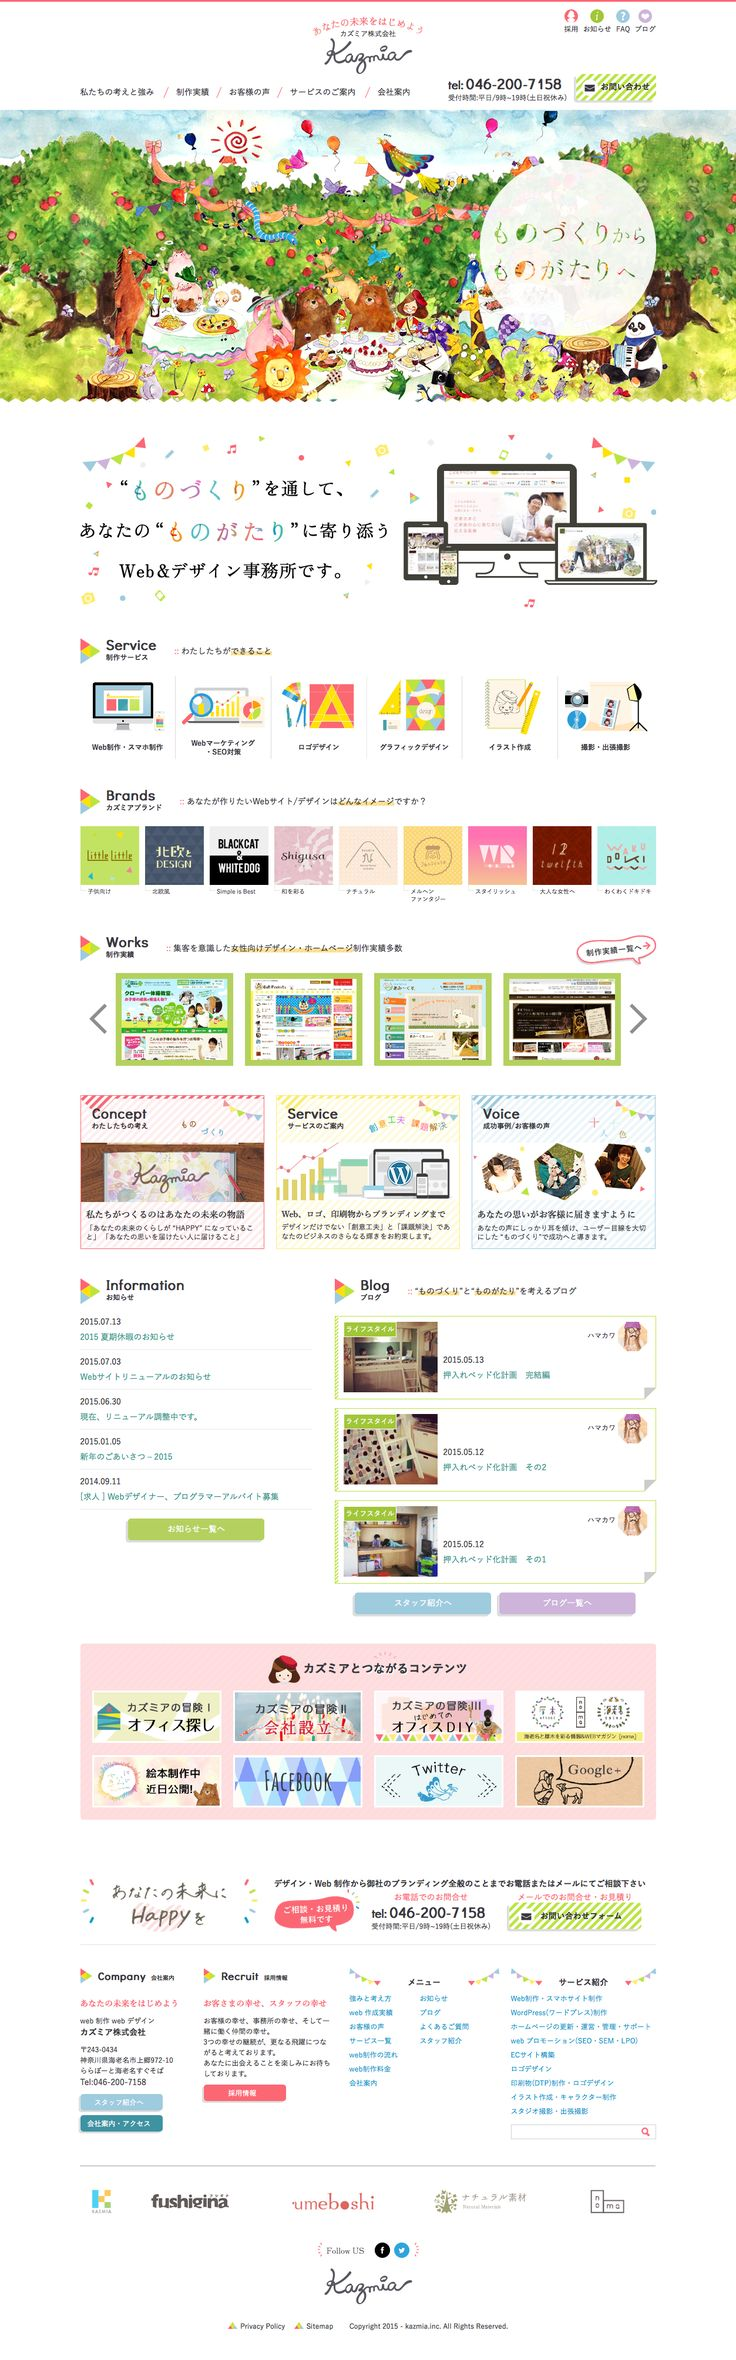 女性向けホームページ制作・WEB集客なら Web制作会社カズミア : 81-web.com【Webデザイン リンク集】